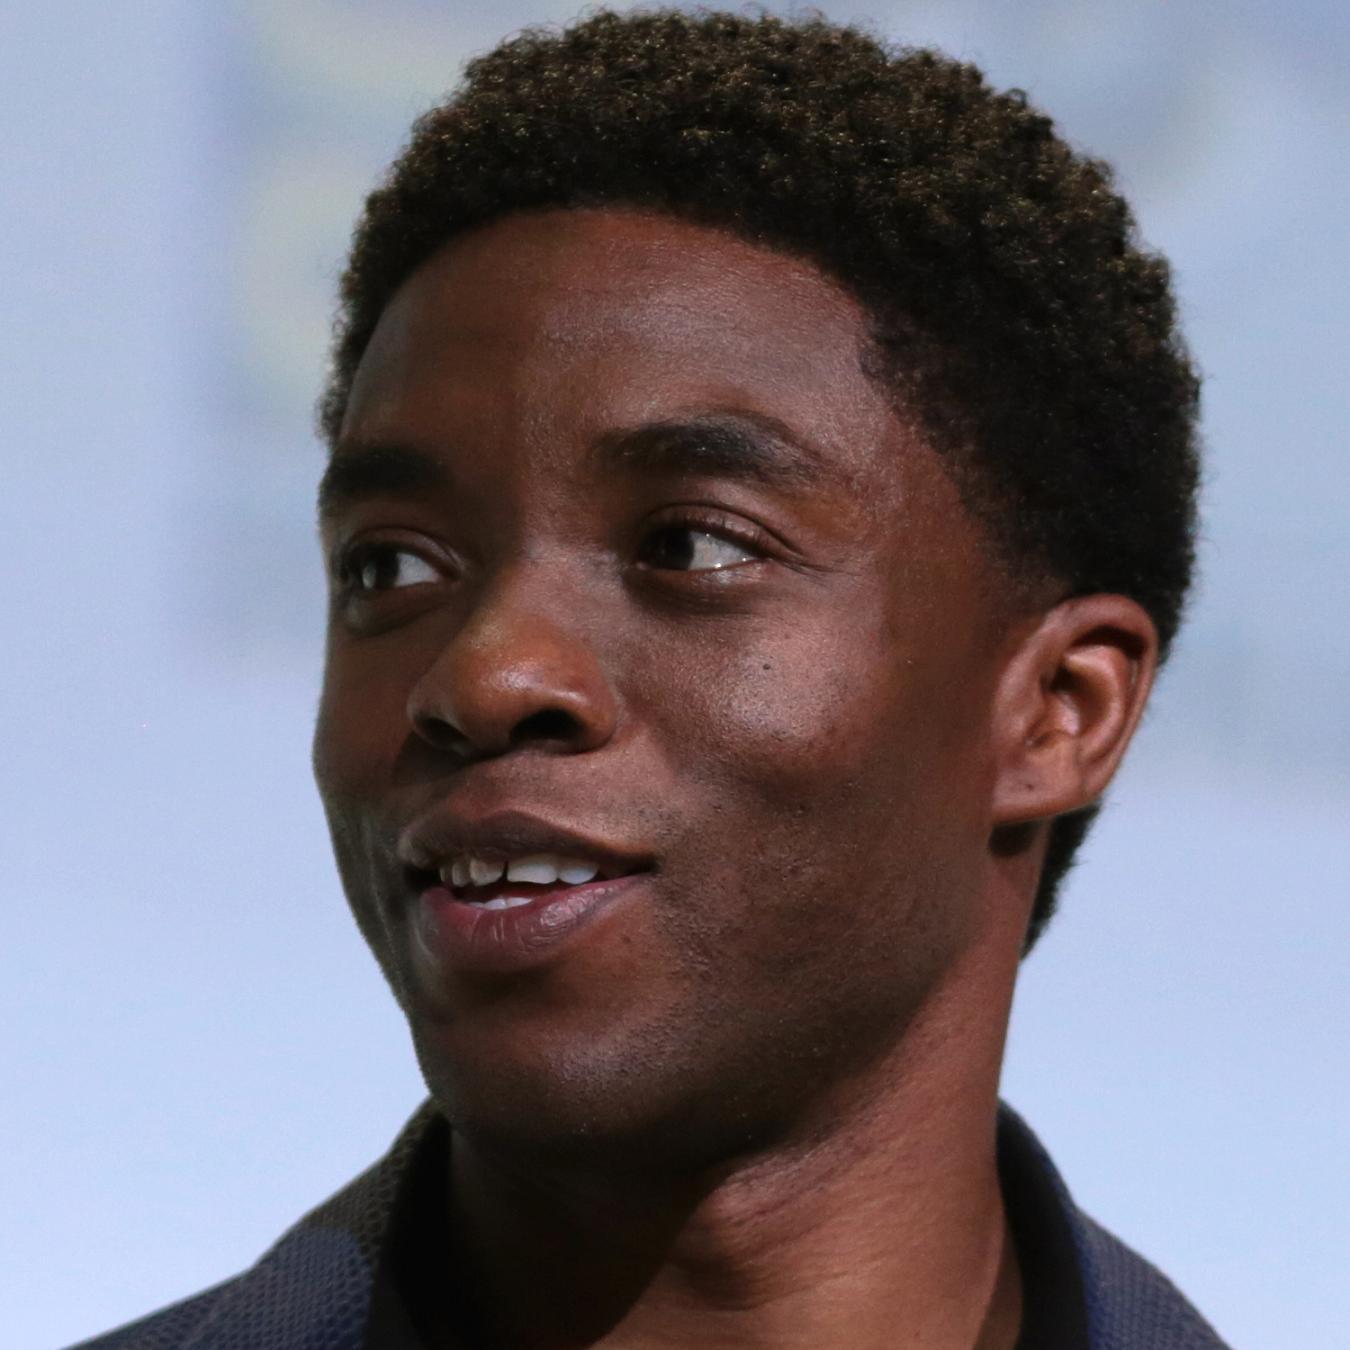 Chadwick Boseman Bio, Net Worth, Facts